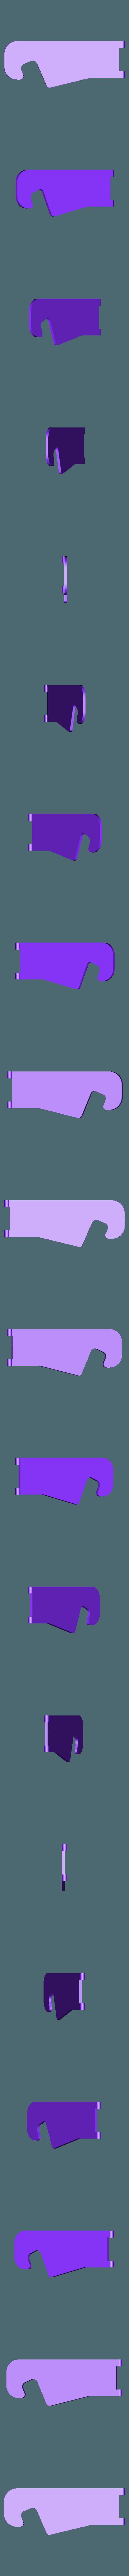 SOPORTE-PART1.stl Download STL file Mobile folding stand • 3D printer model, shonduvilla